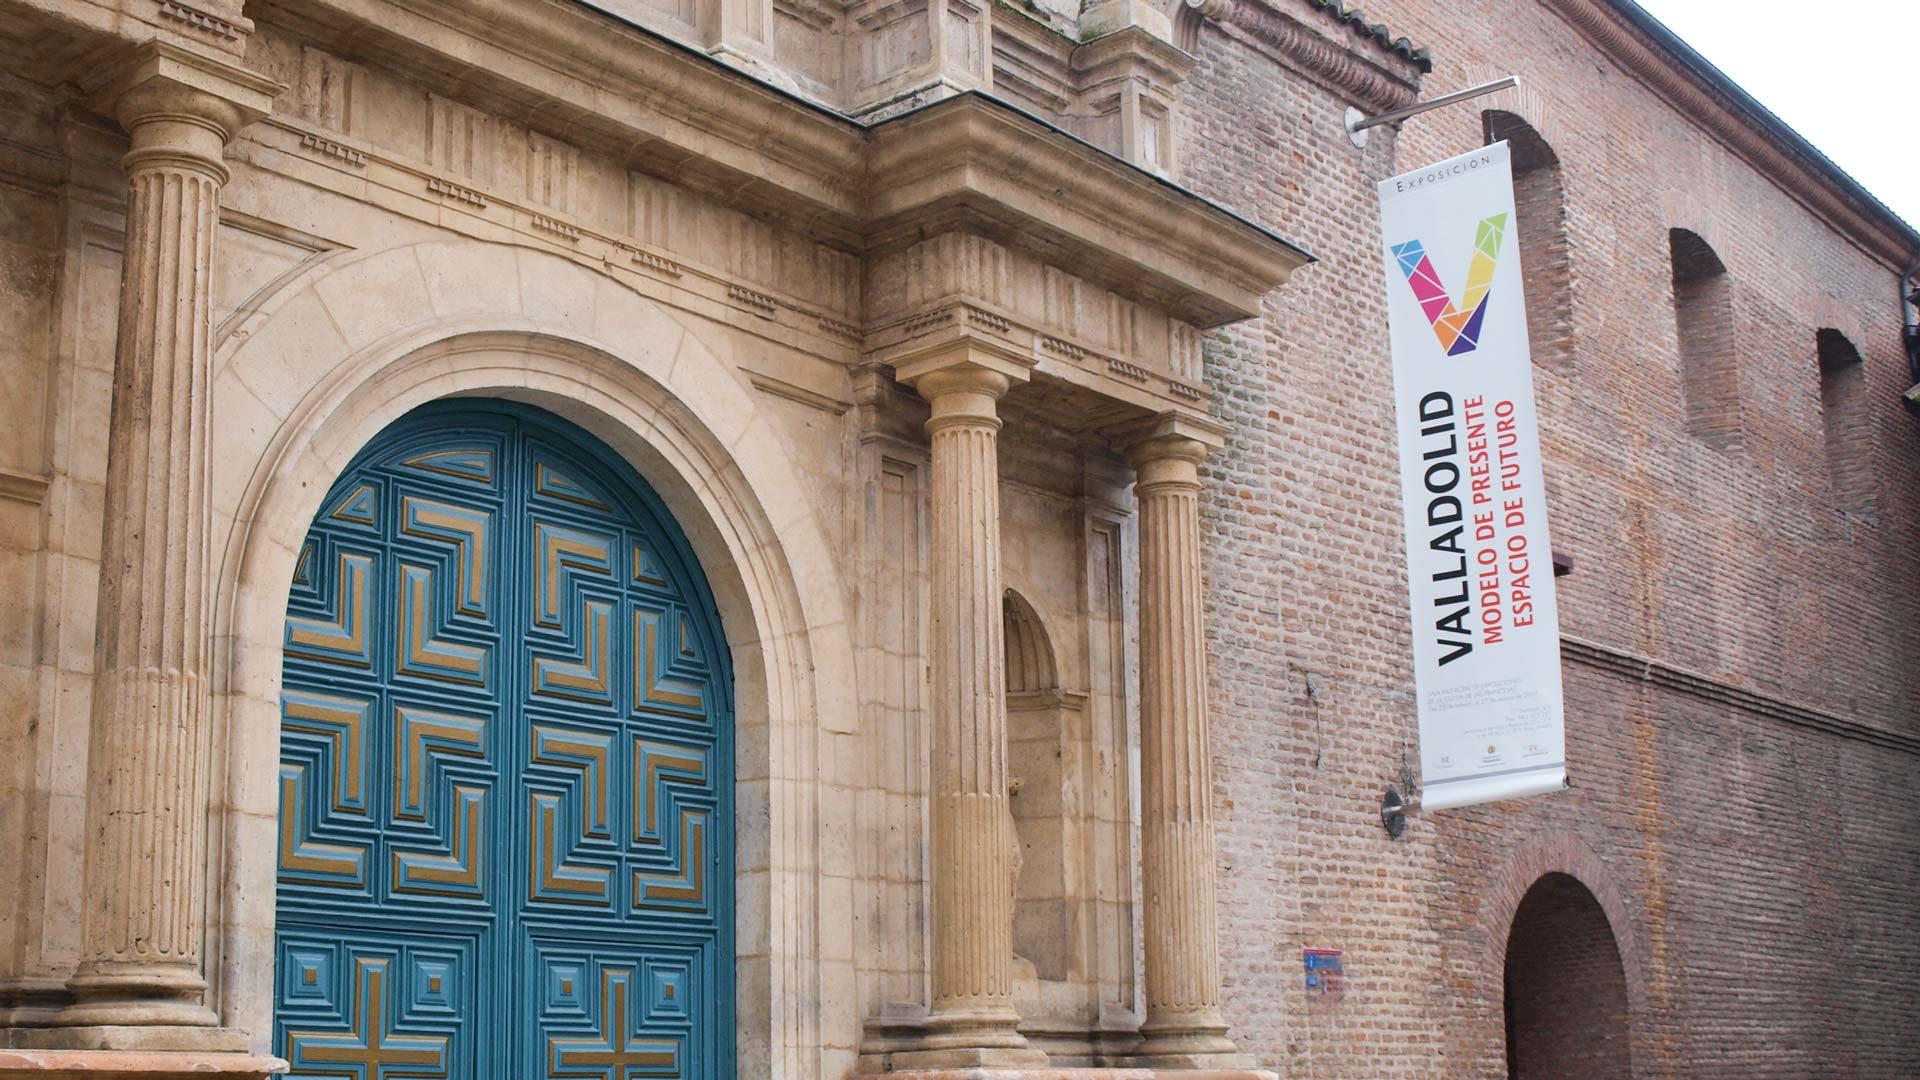 Fachada banderolas - Diseño de exposiciones y museografia - Valladolid Modelo Presente Espacio de Futuro